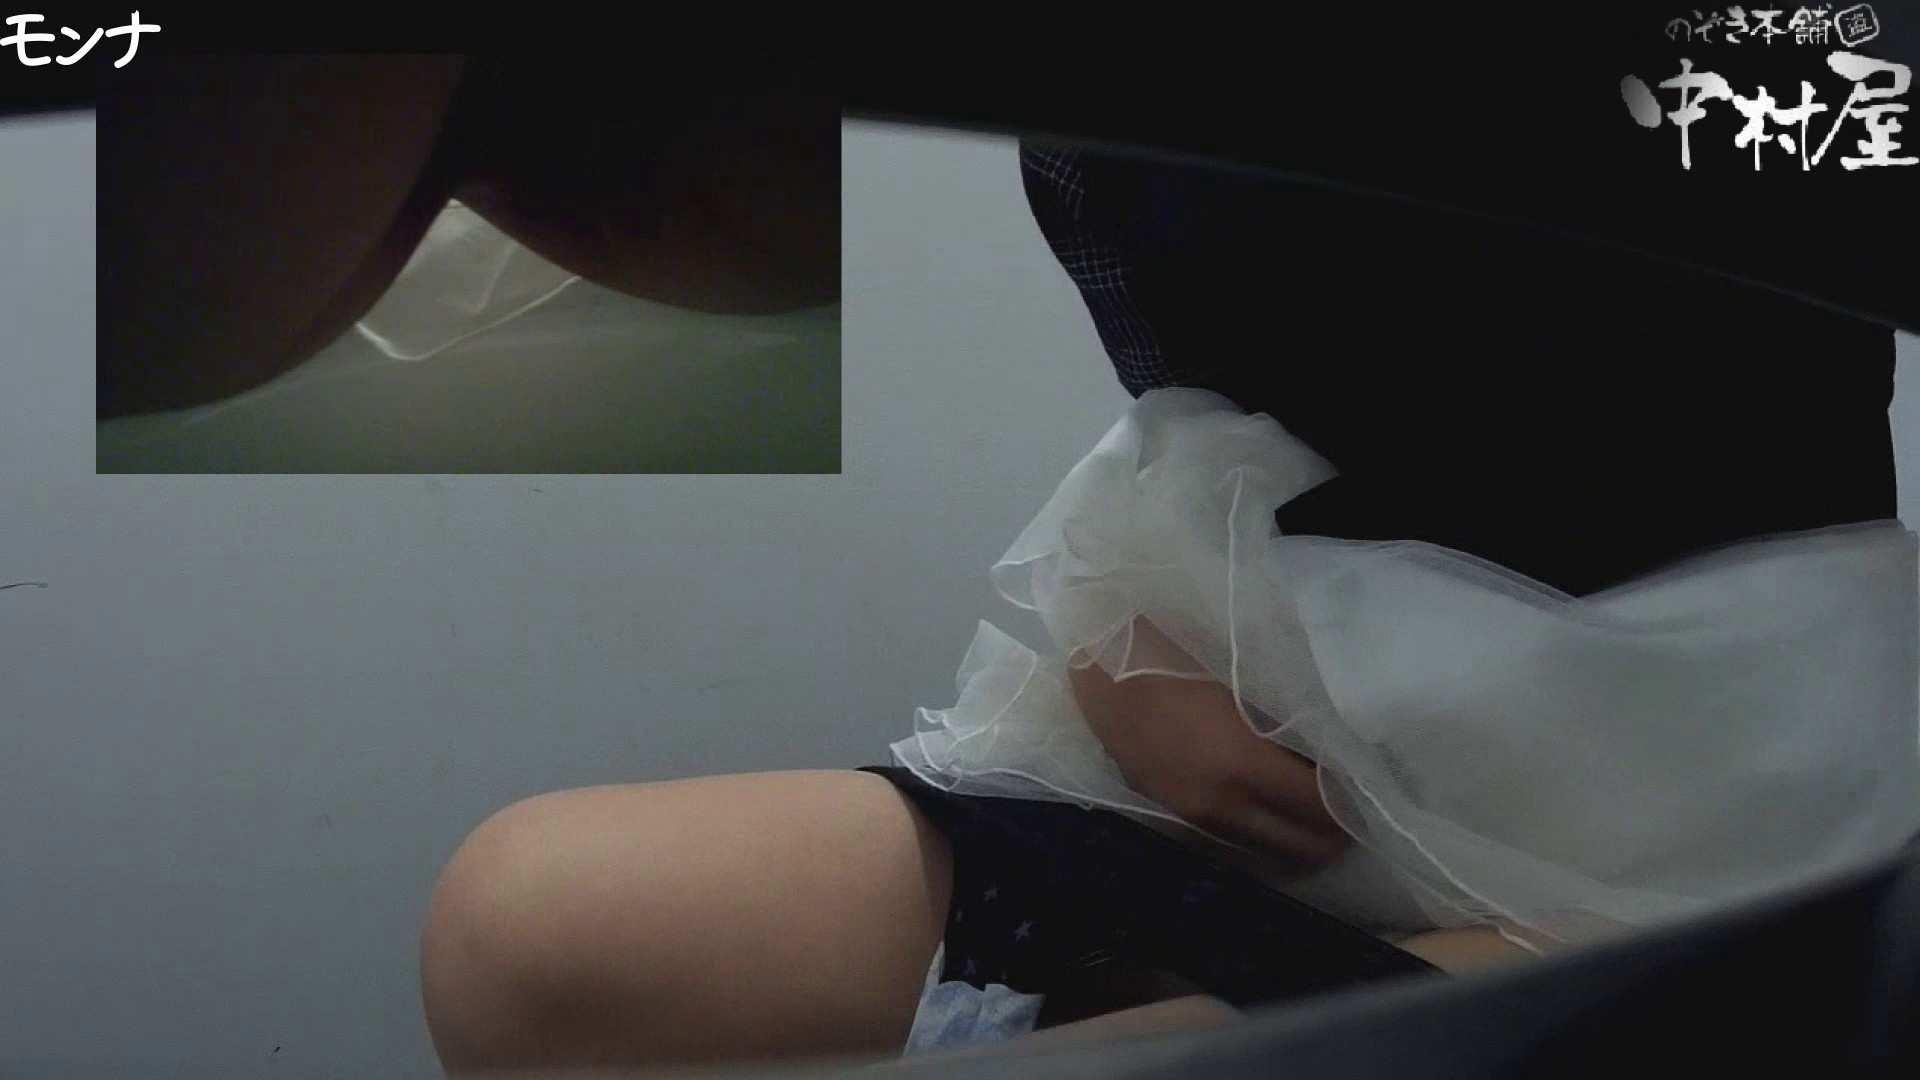 有名大学女性洗面所 vol.66 清楚系女子をがっつり!! 潜入 盗撮画像 84連発 23